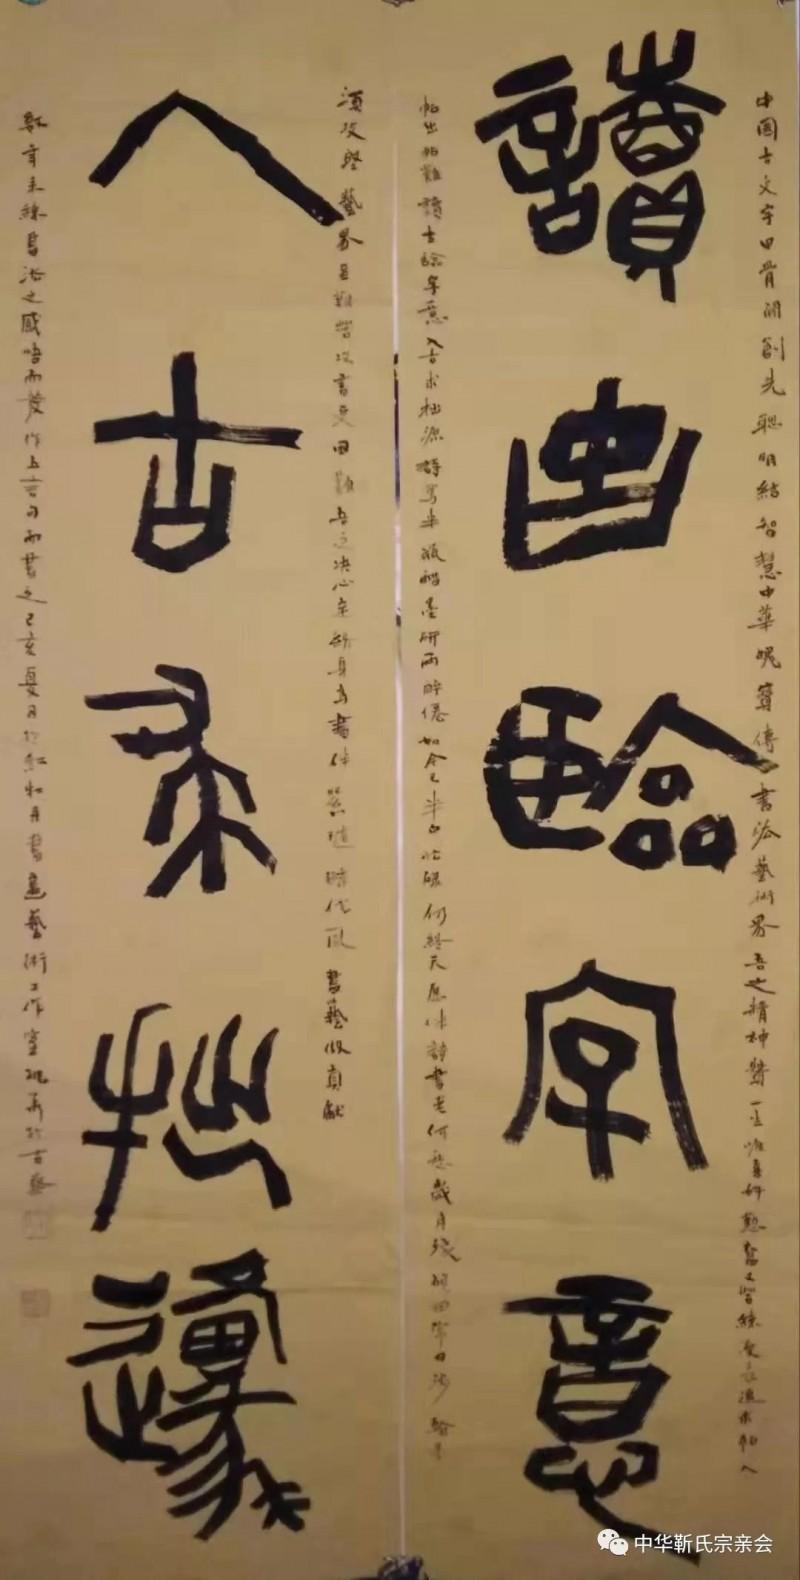 靳氏文化节暨靳氏书画研讨会十月七日将在新郑靳家寨靳氏祠堂举行